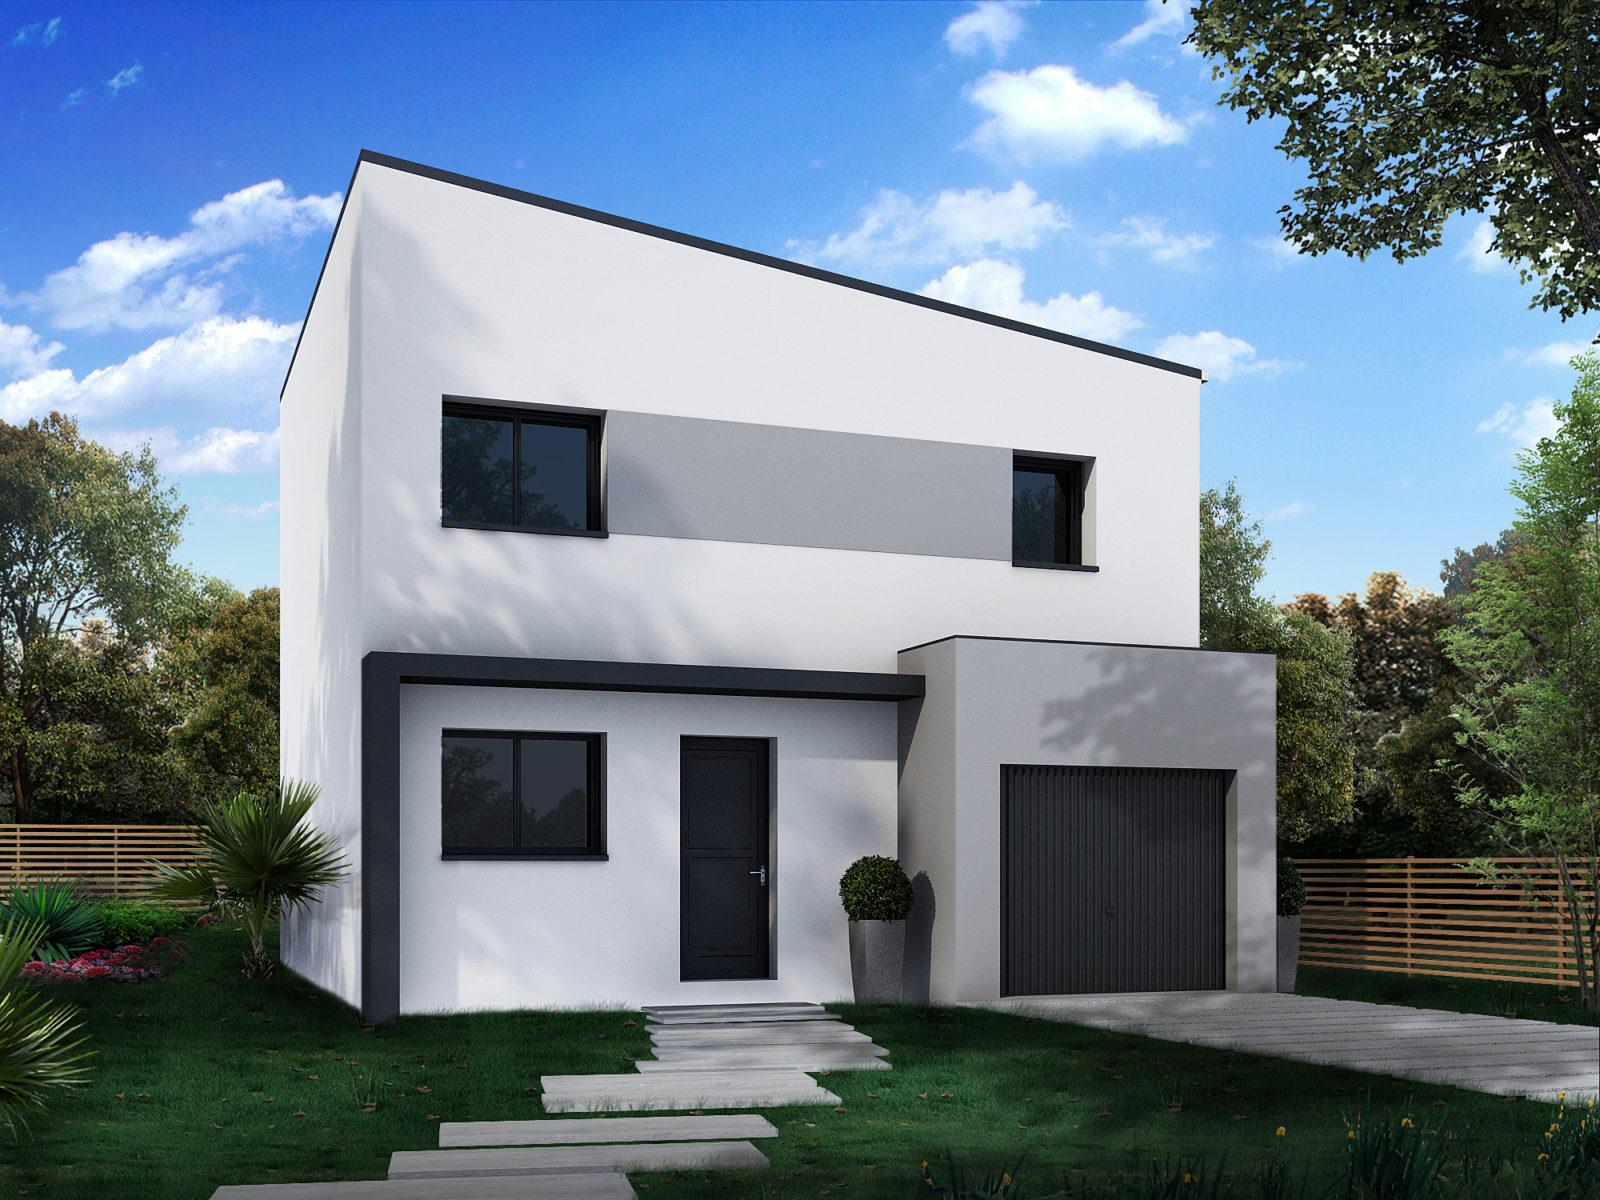 Axce 39 s 19 axce 39 s habitat constructeur de maison en for Constructeur de maison